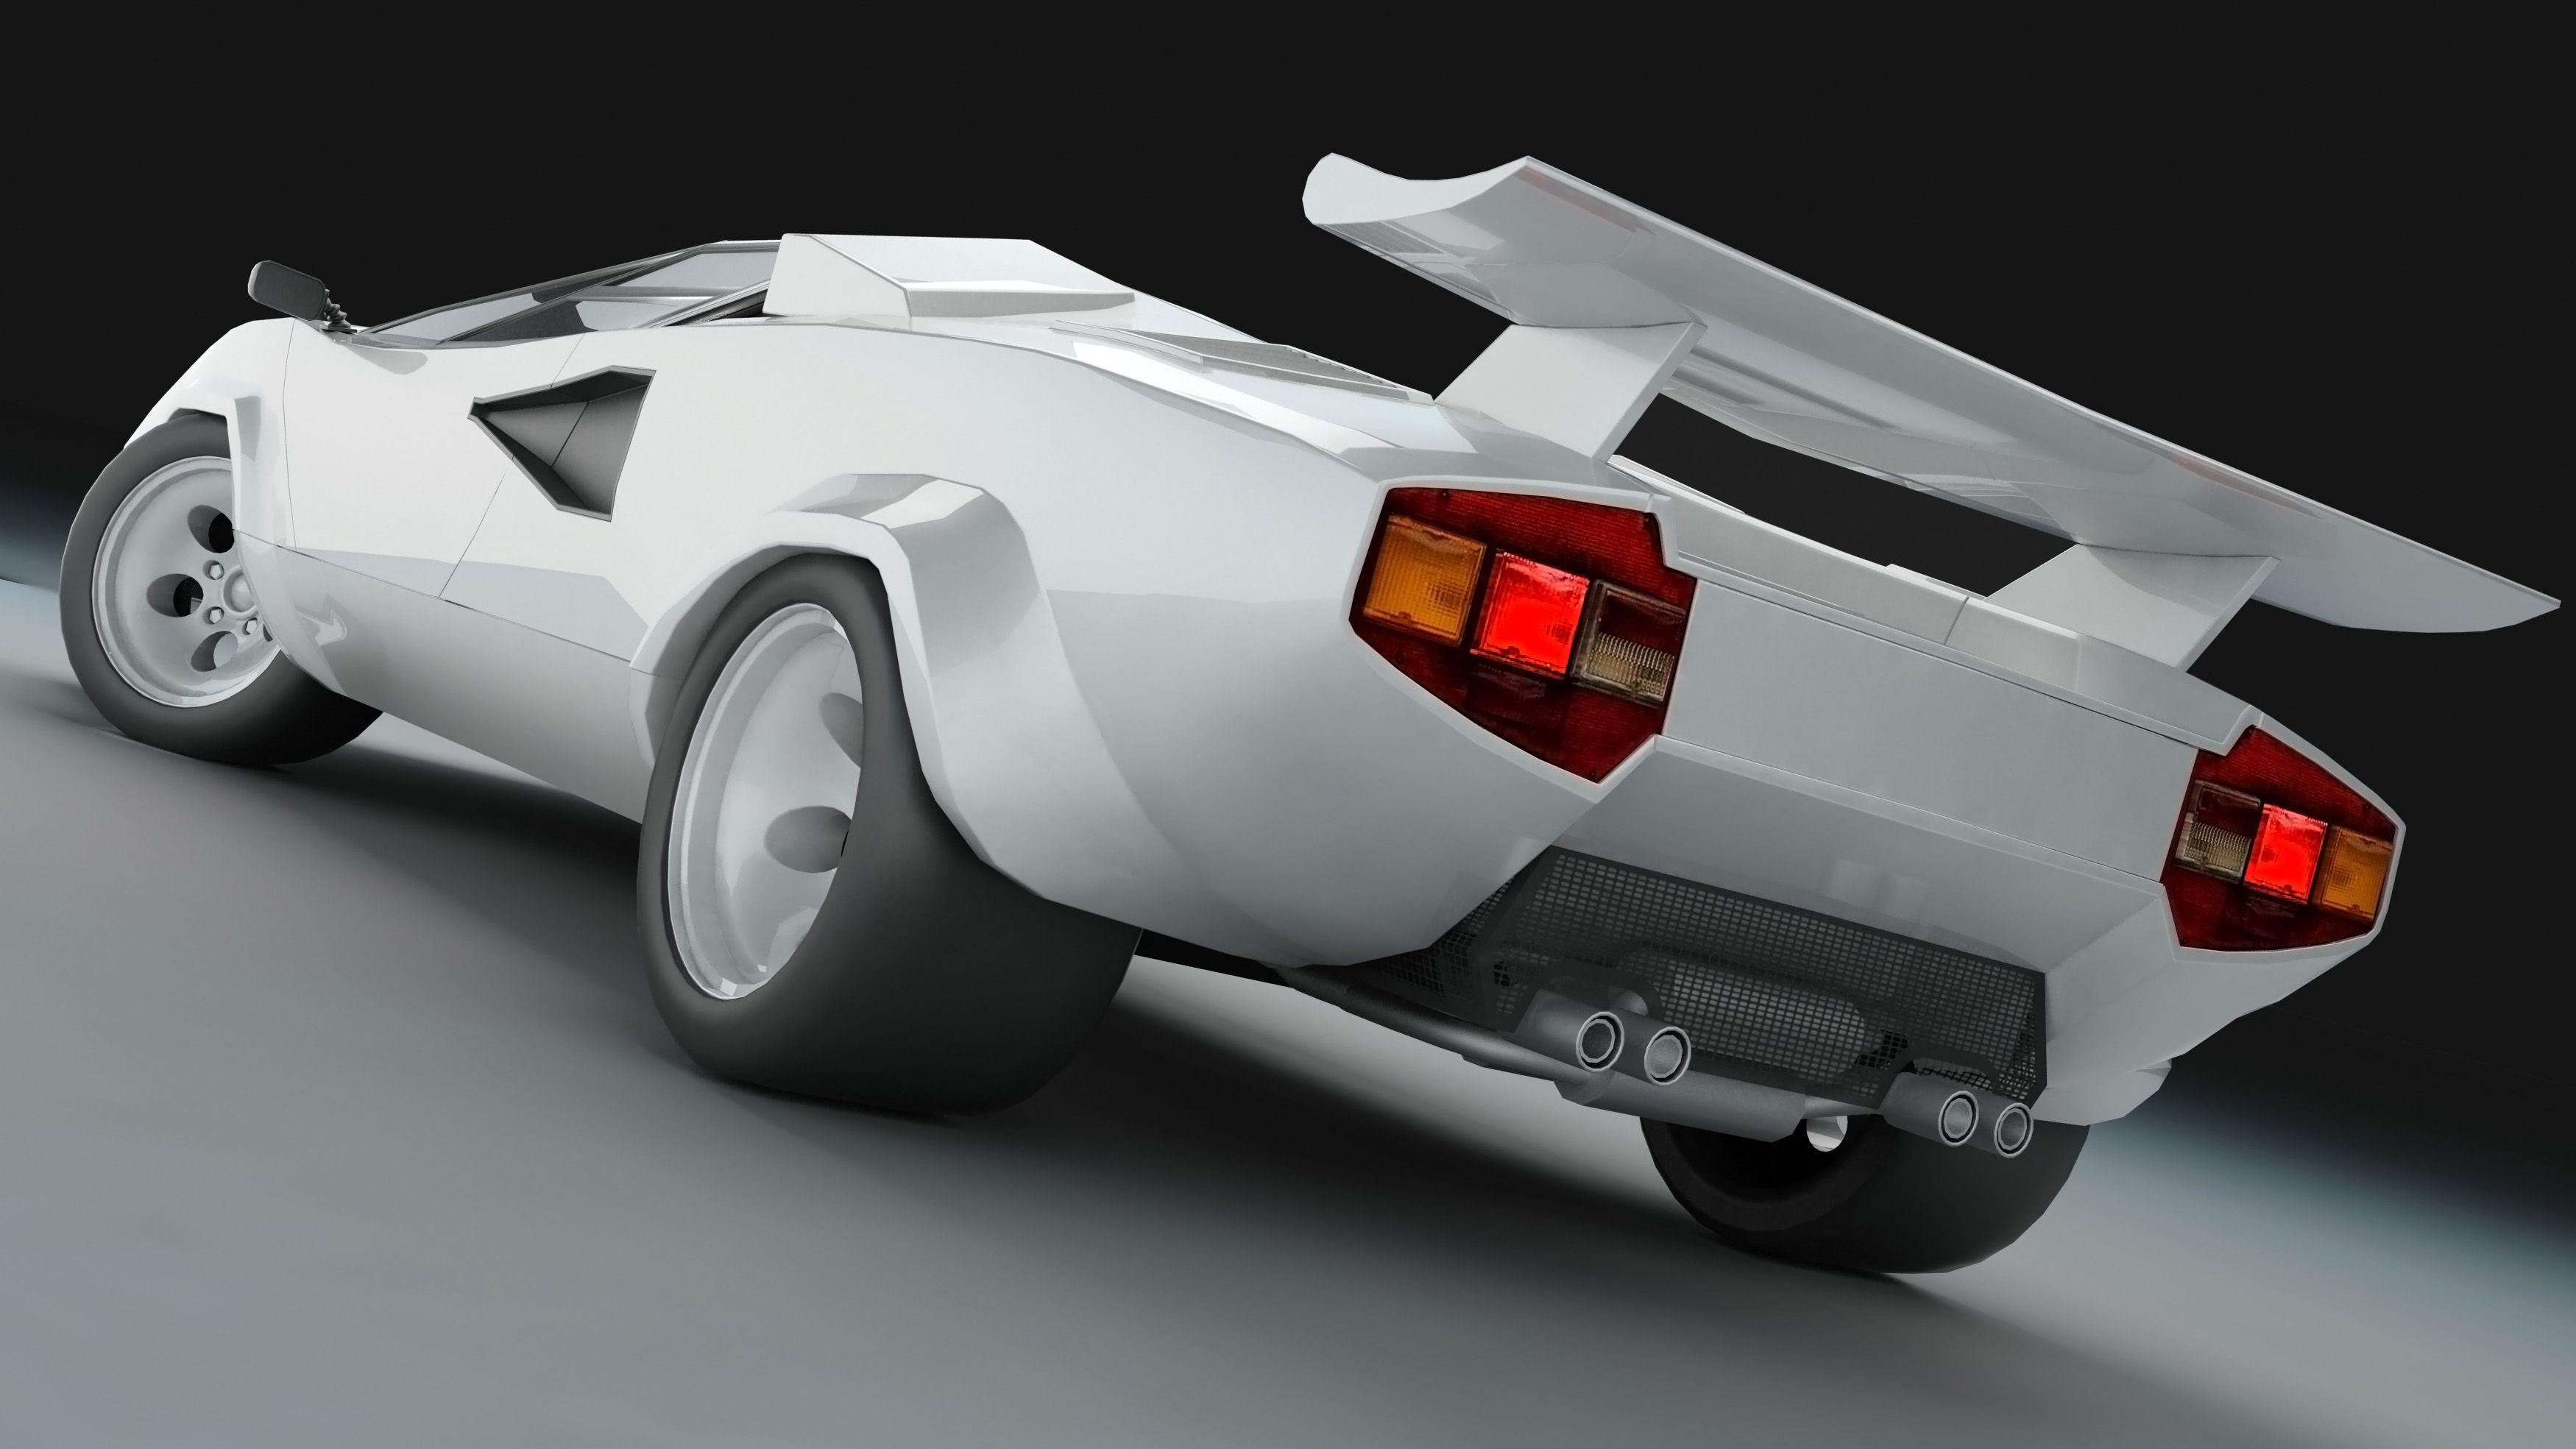 Miami Vice Lamborghini Lamborghini Countach 5000s Miami Vice